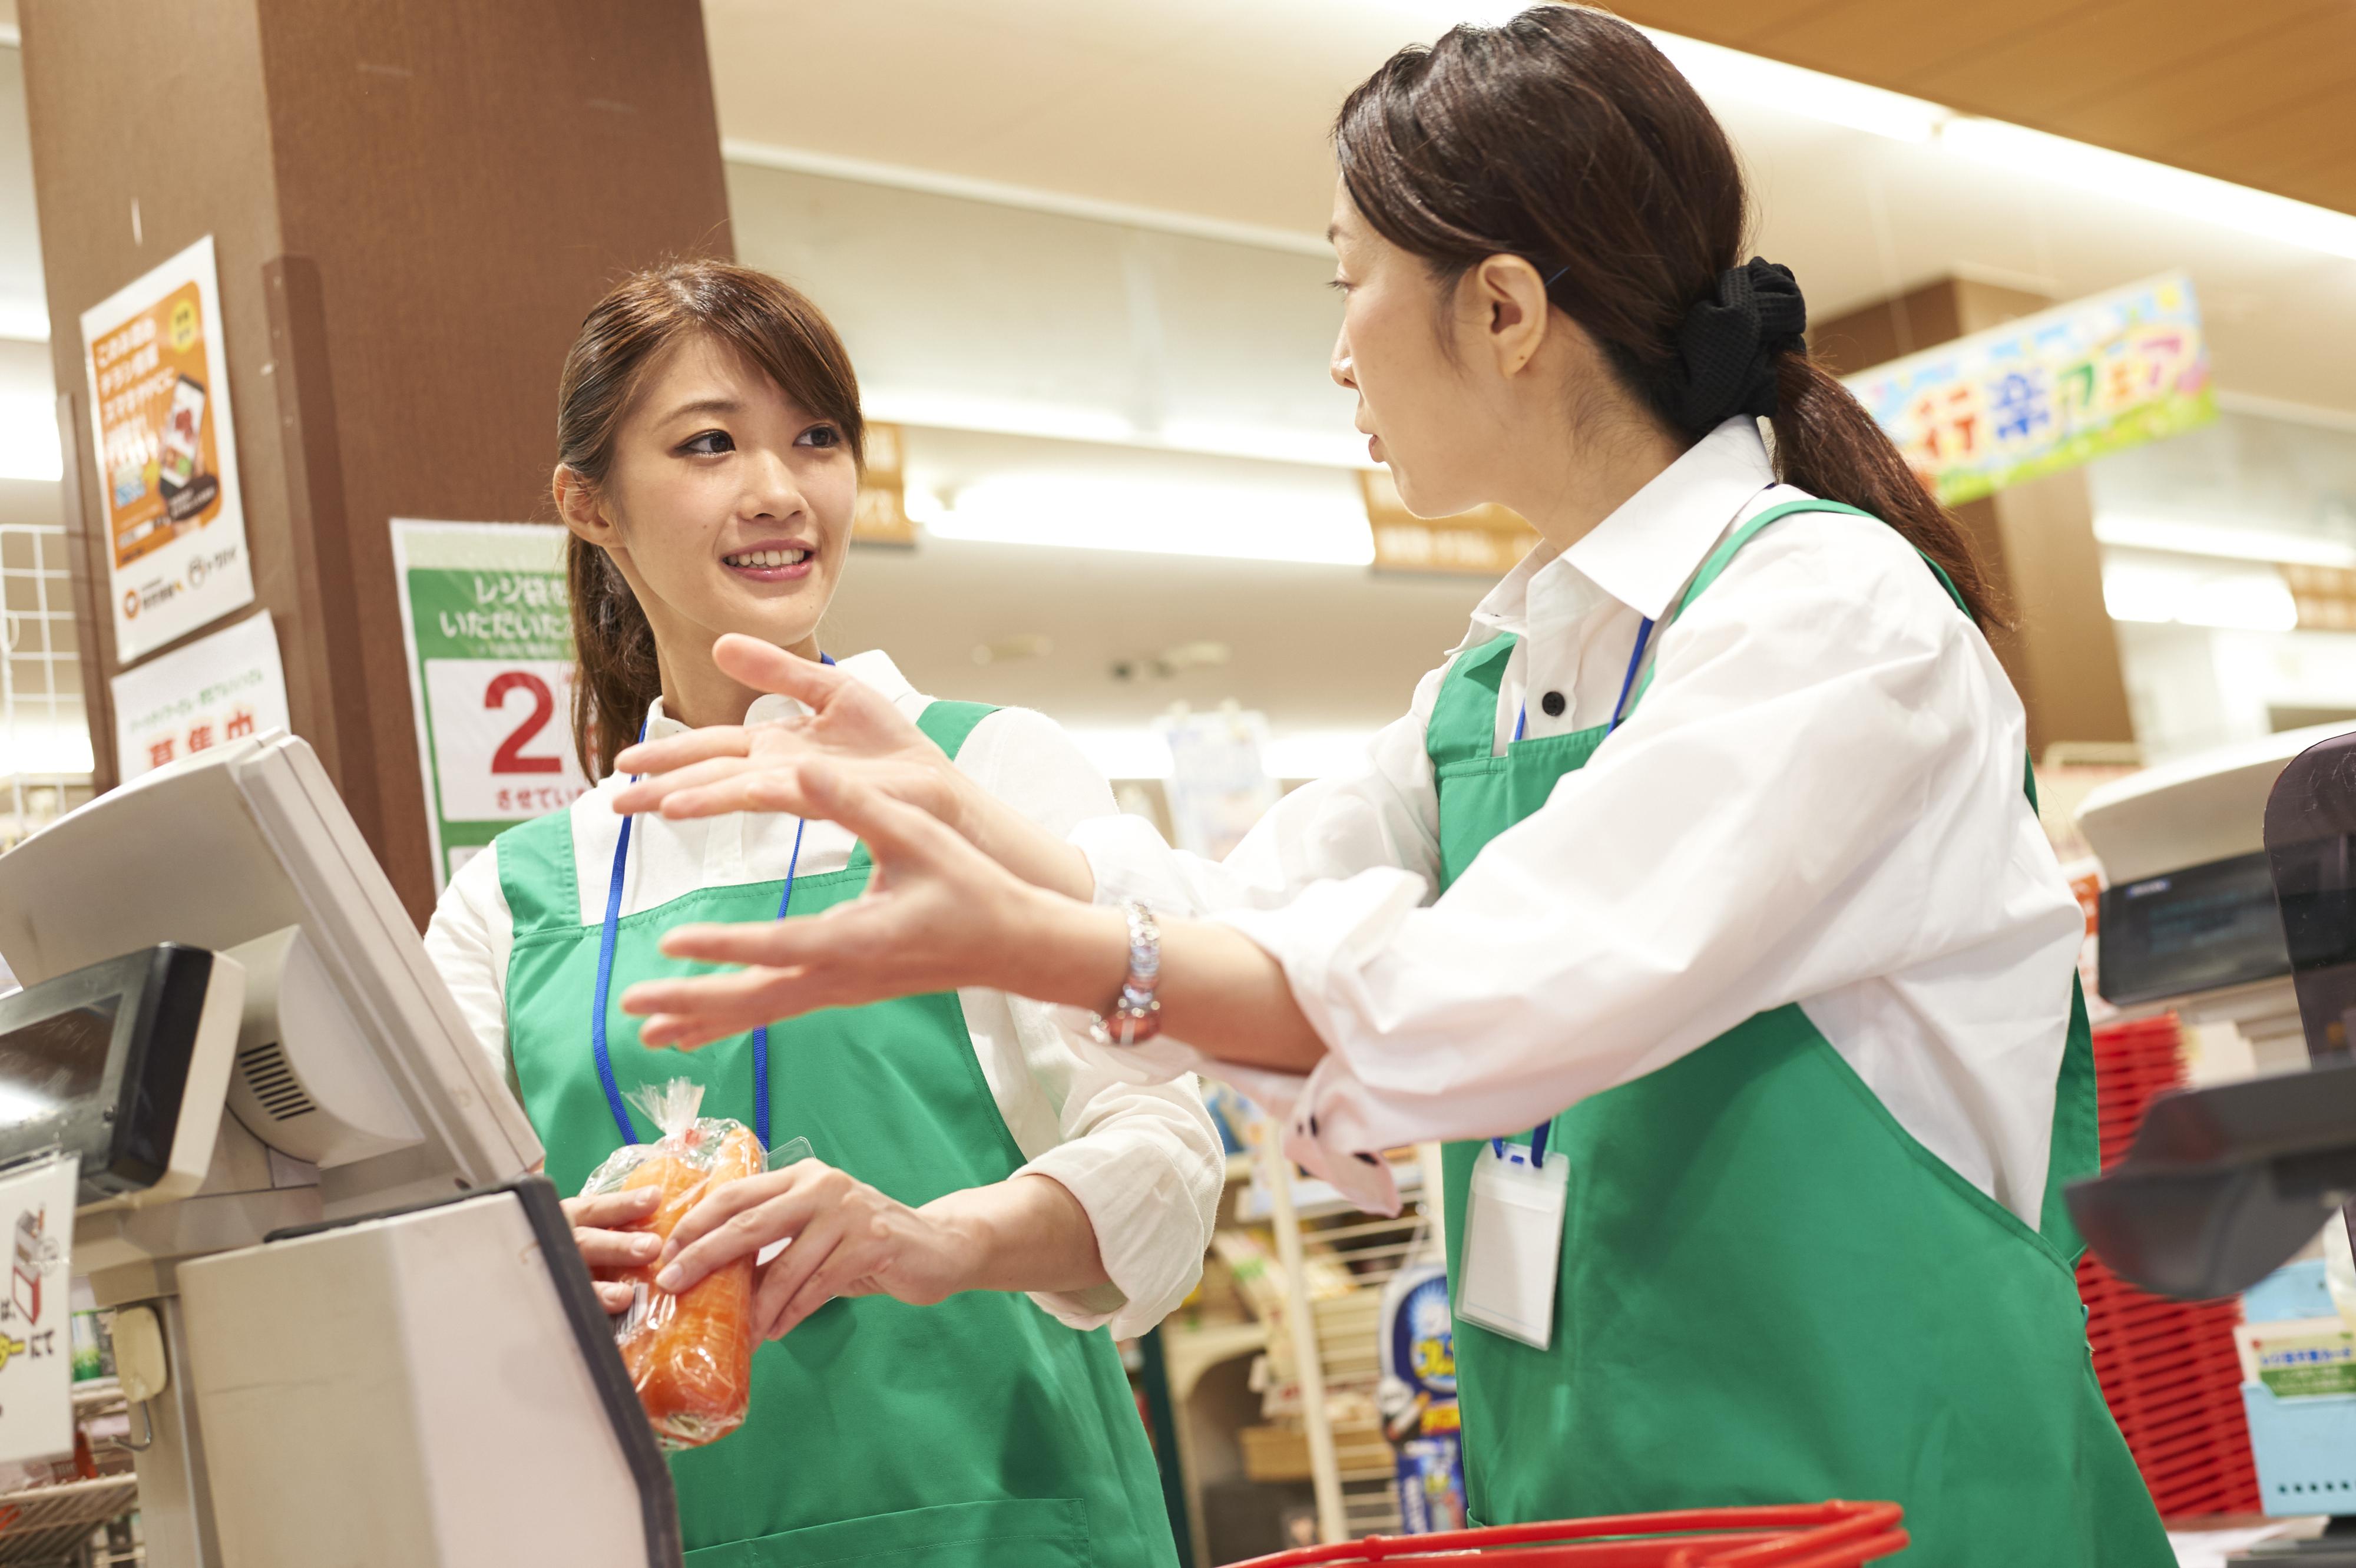 【東京23区】イチから学べる!スタッフ管理 イメージ